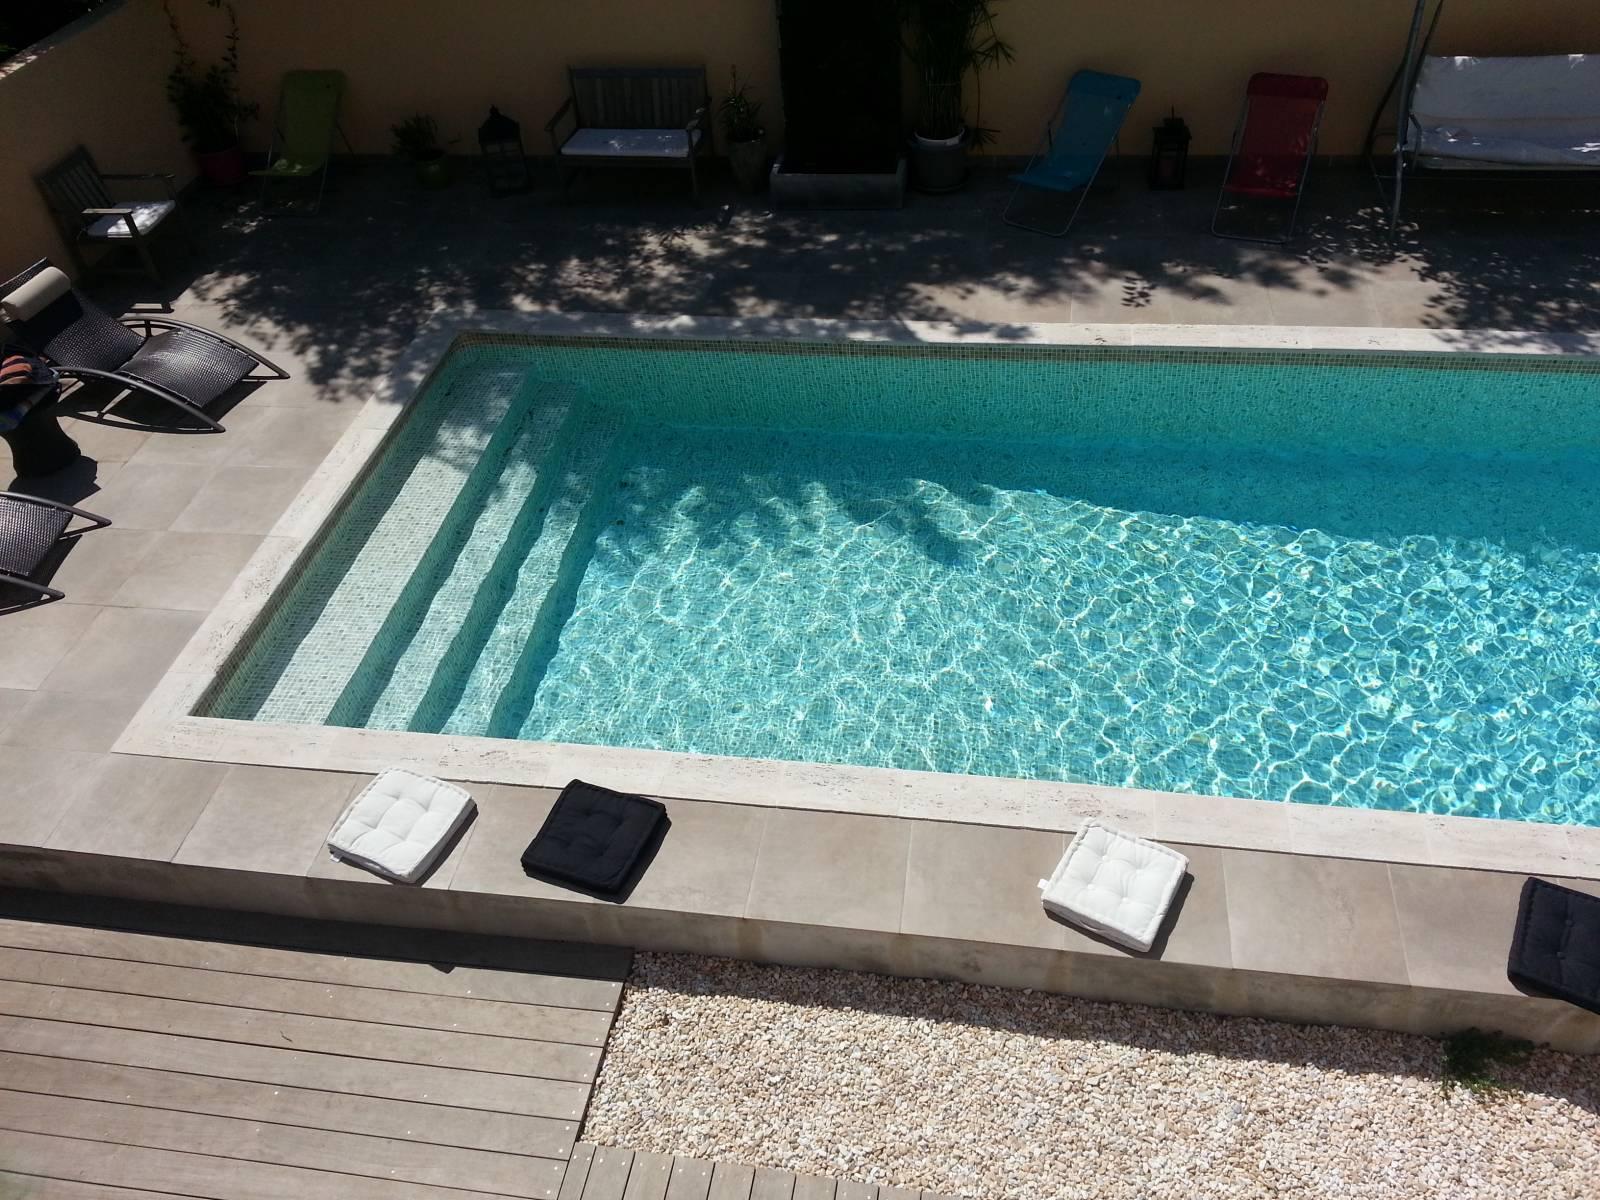 Couloir de nage 15x3 m mosa ques jce piscines - Couloir de nage desjoyaux ...